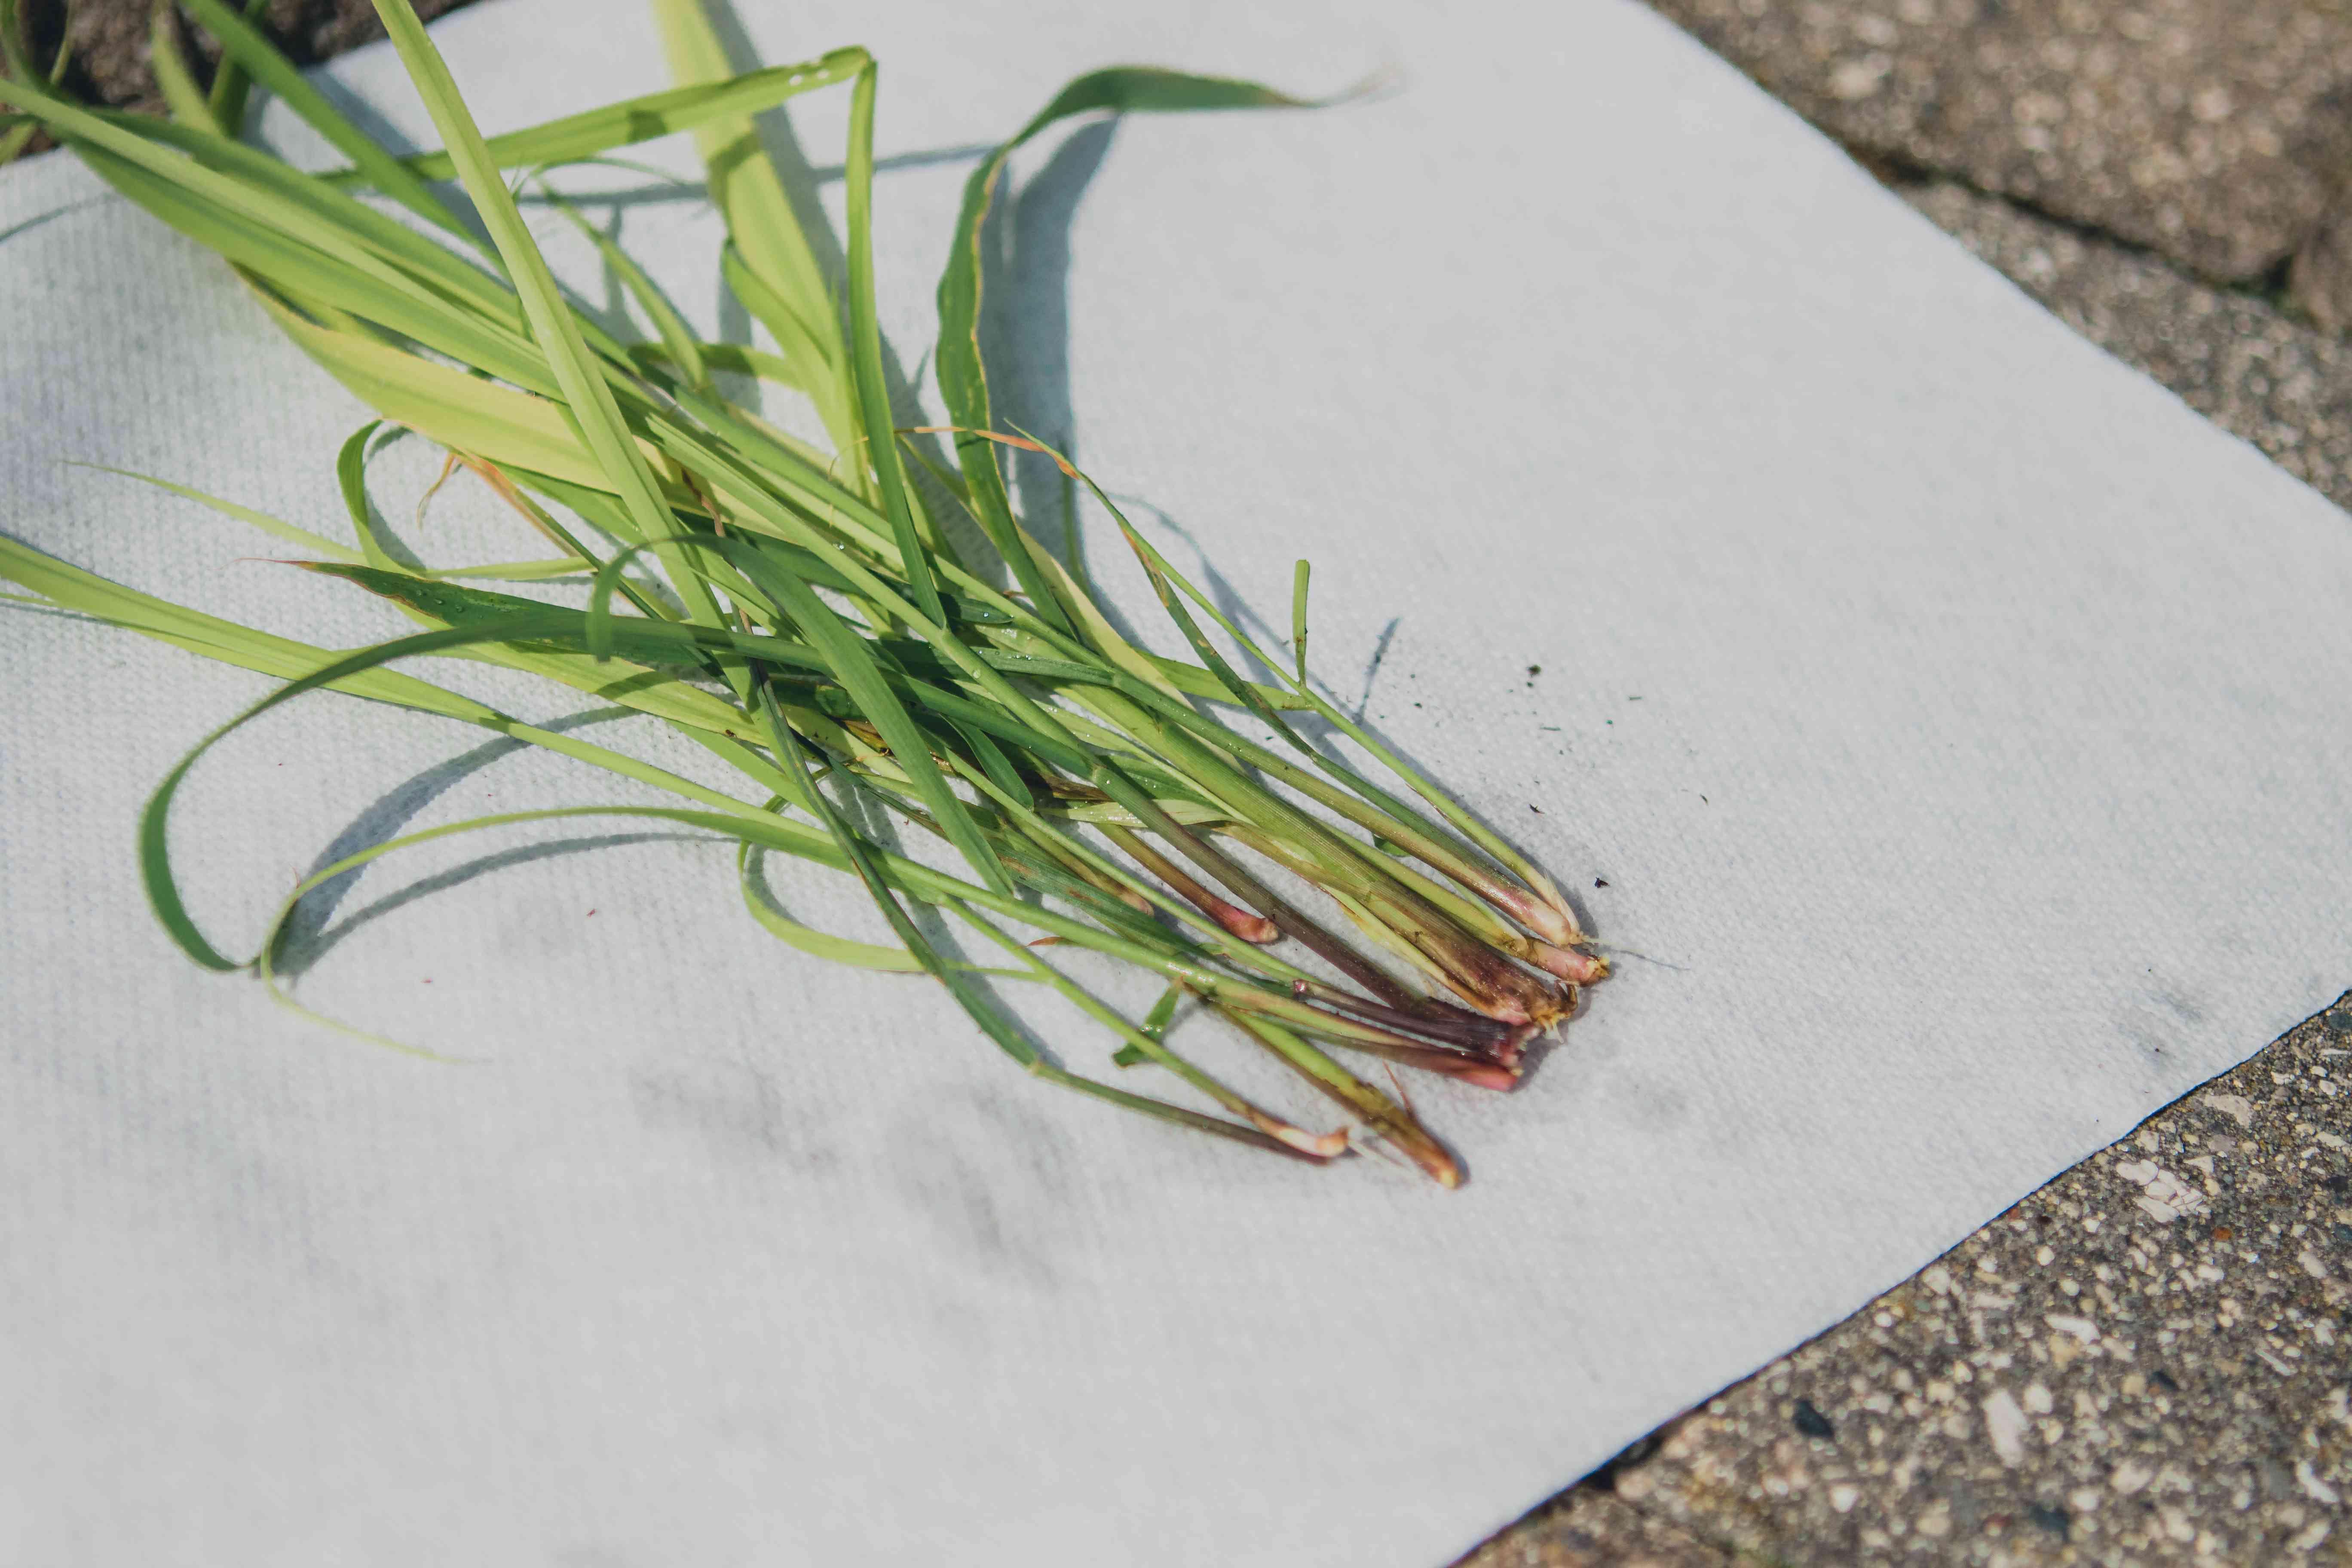 several lemongrass stalks dry outside on white fabric in sun